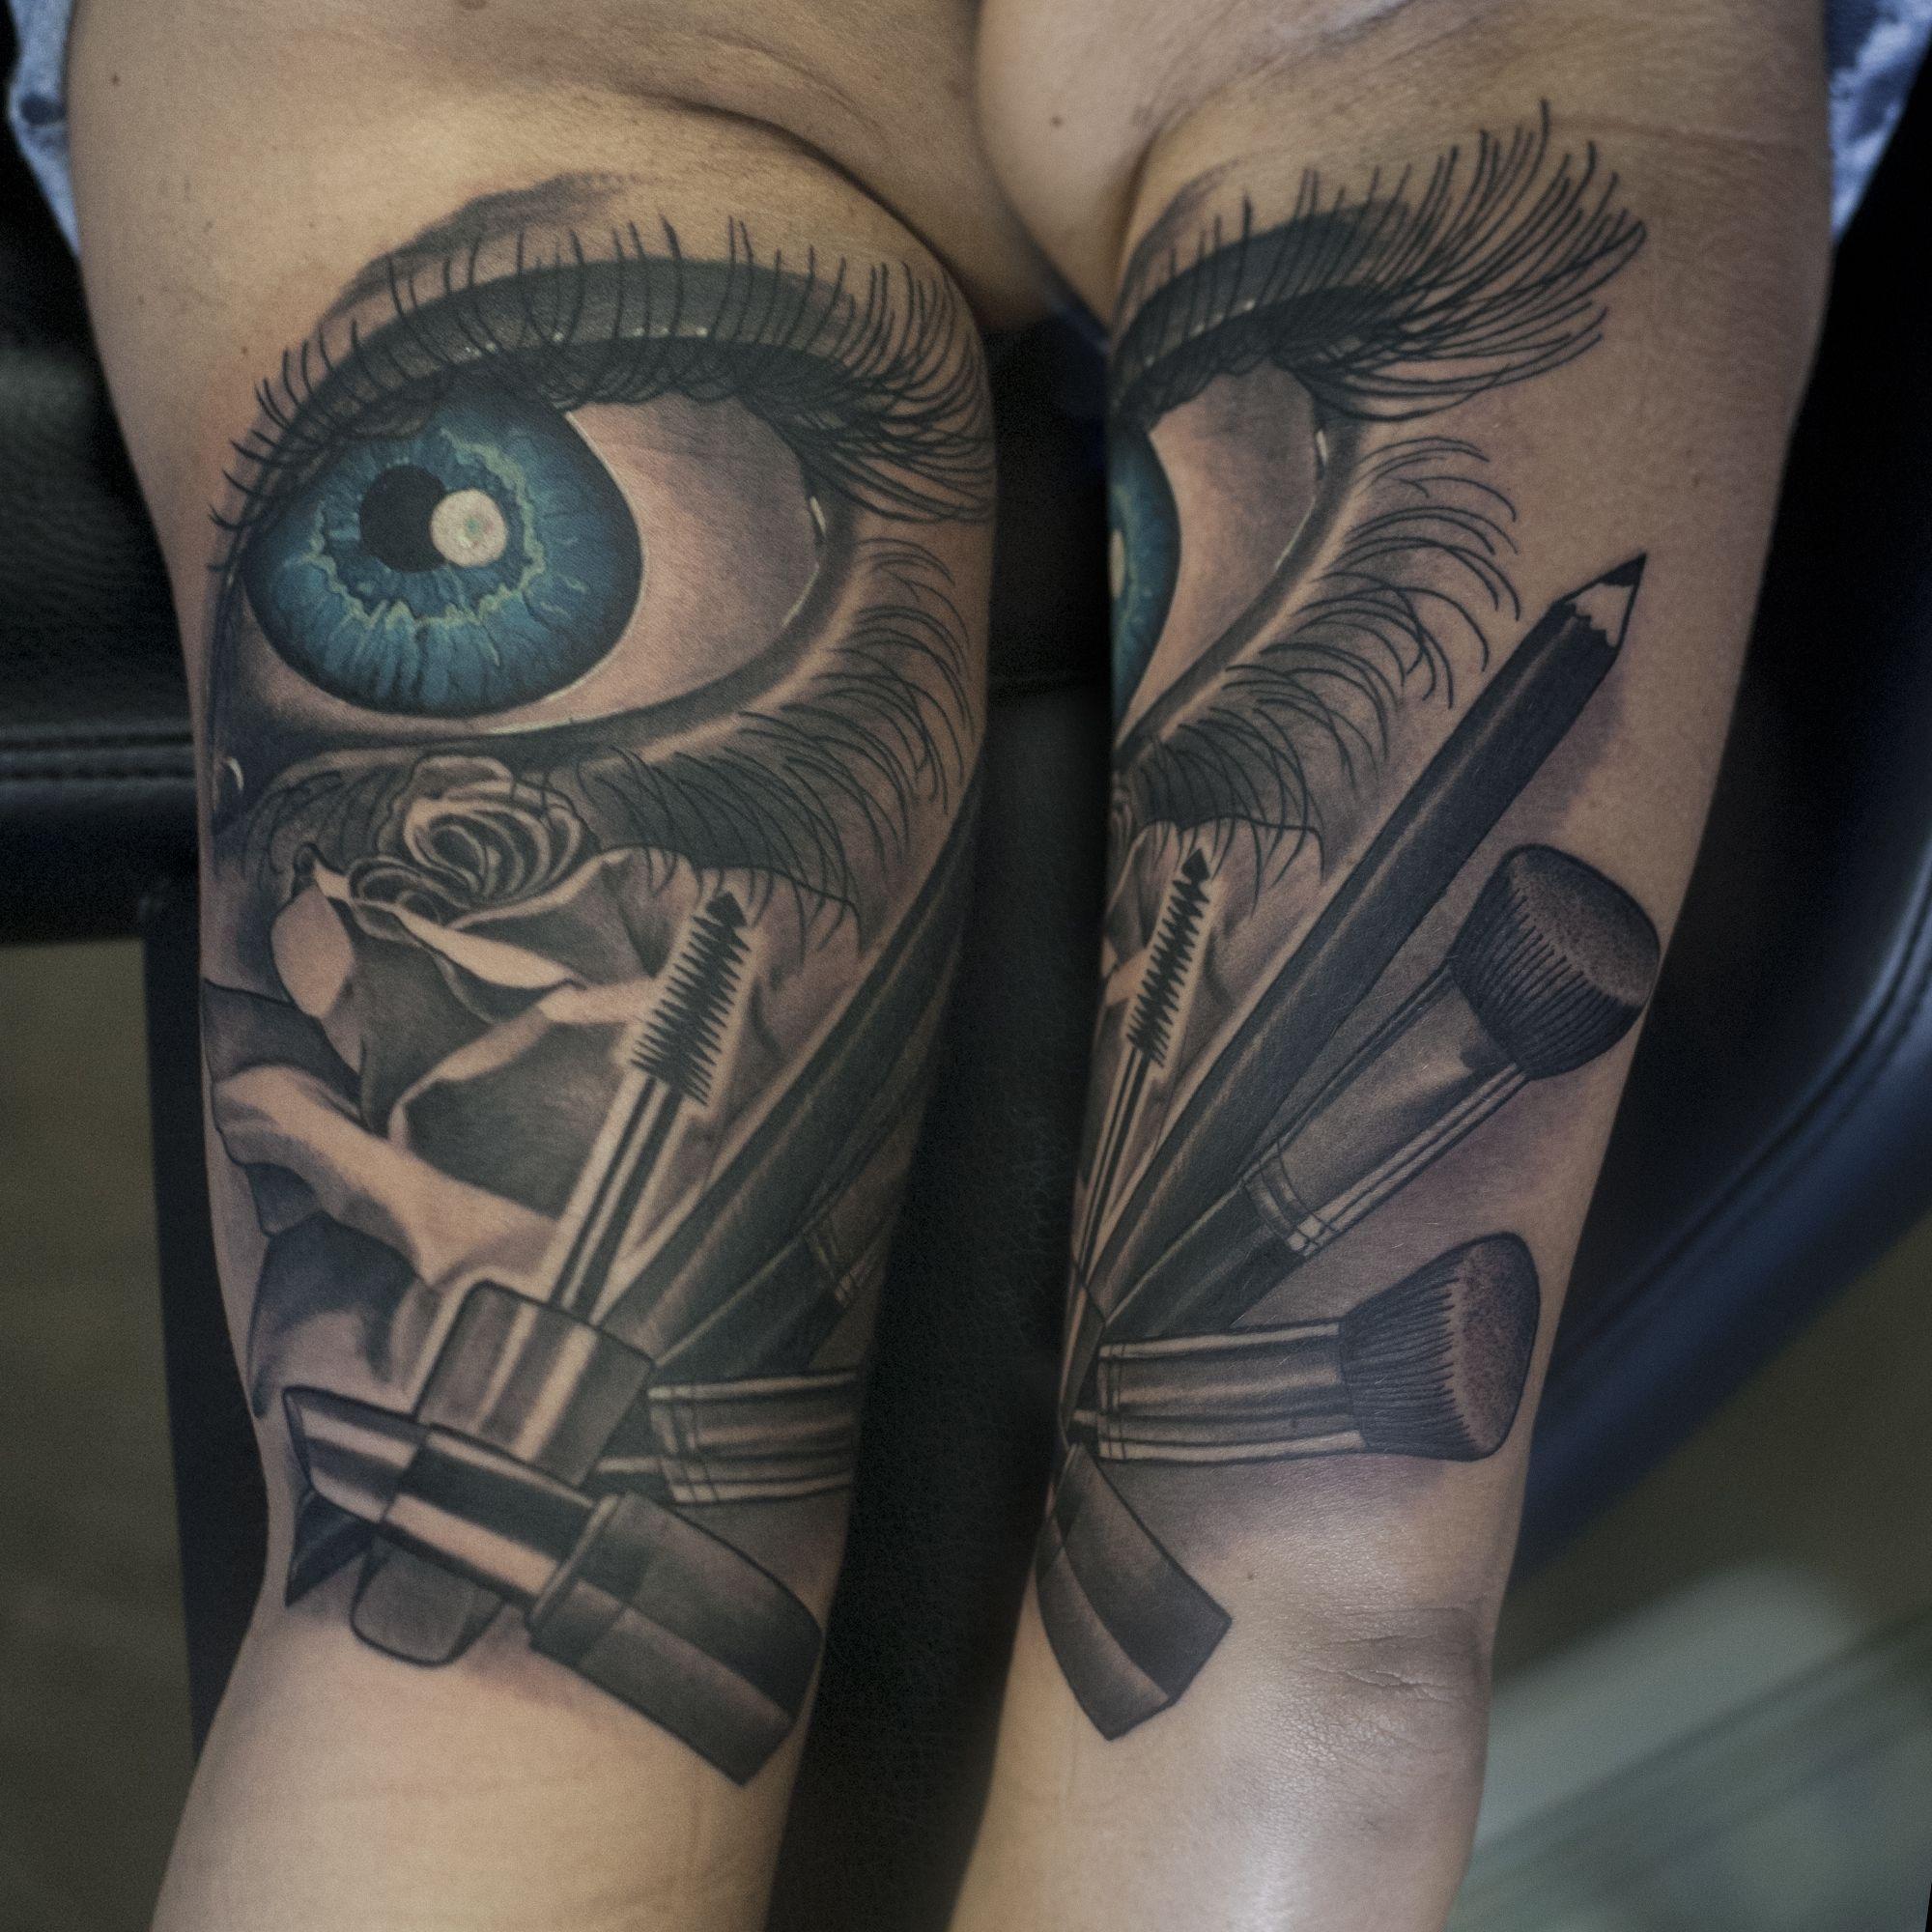 Makeup artist tattoo mugeek vidalondon for Should you tip a tattoo artist